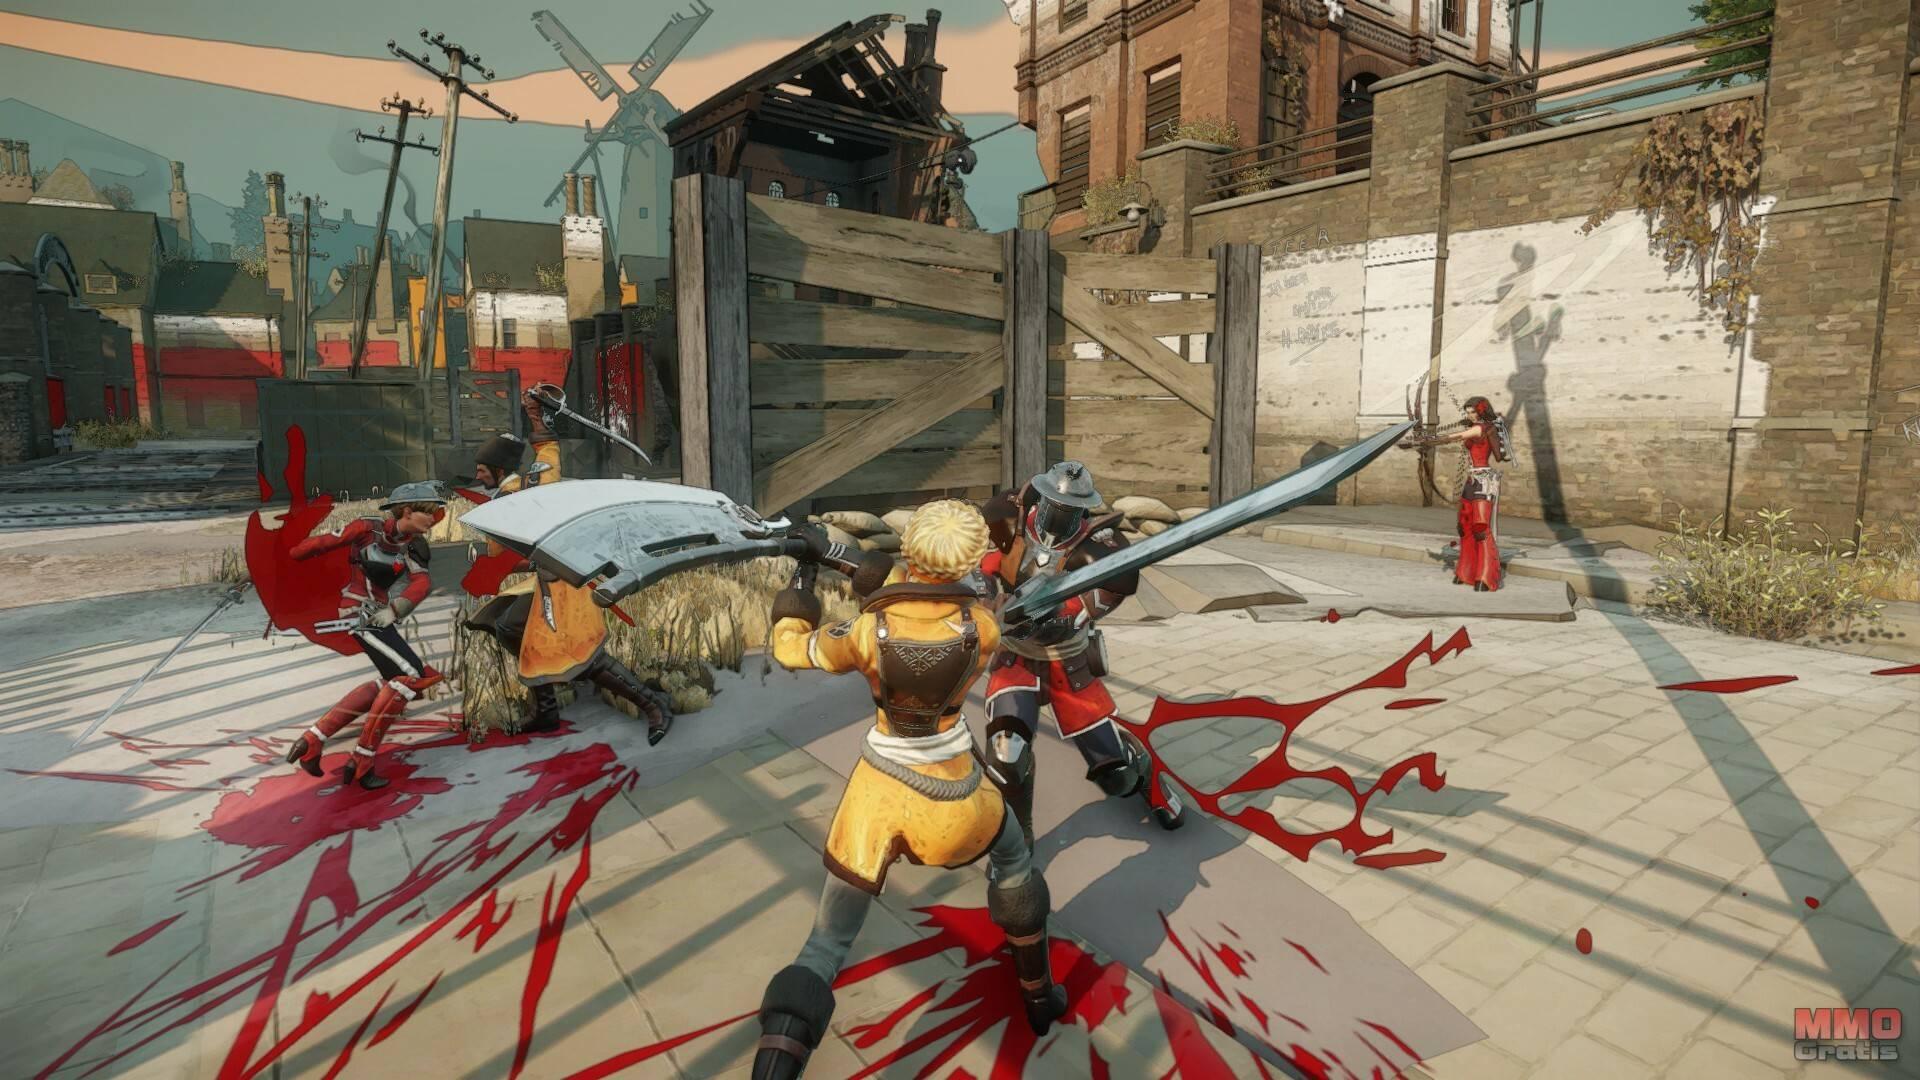 Imagenes de BattleCry